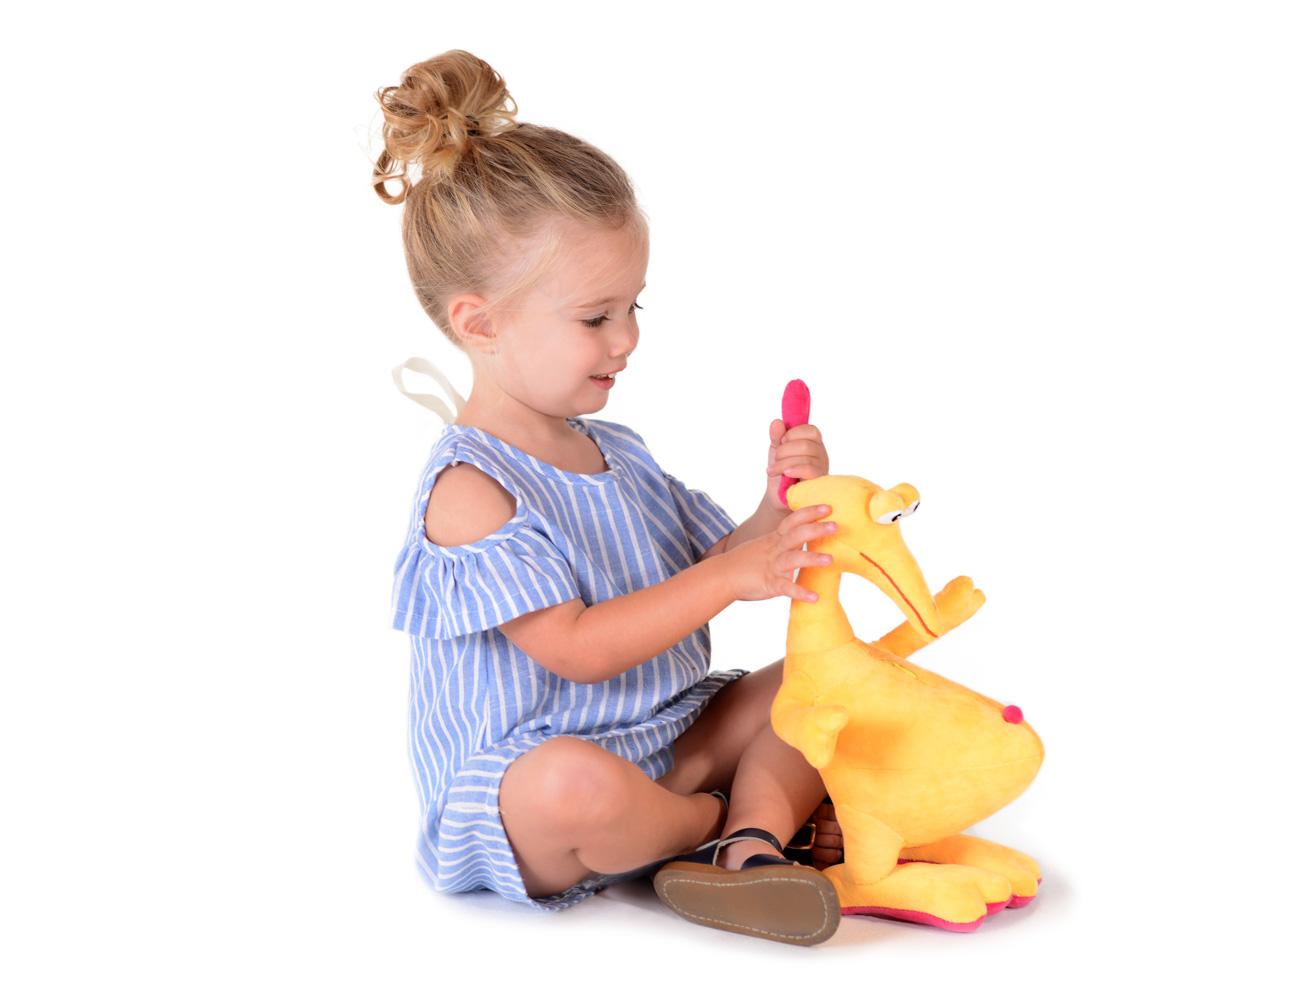 MOOOMI plush toys